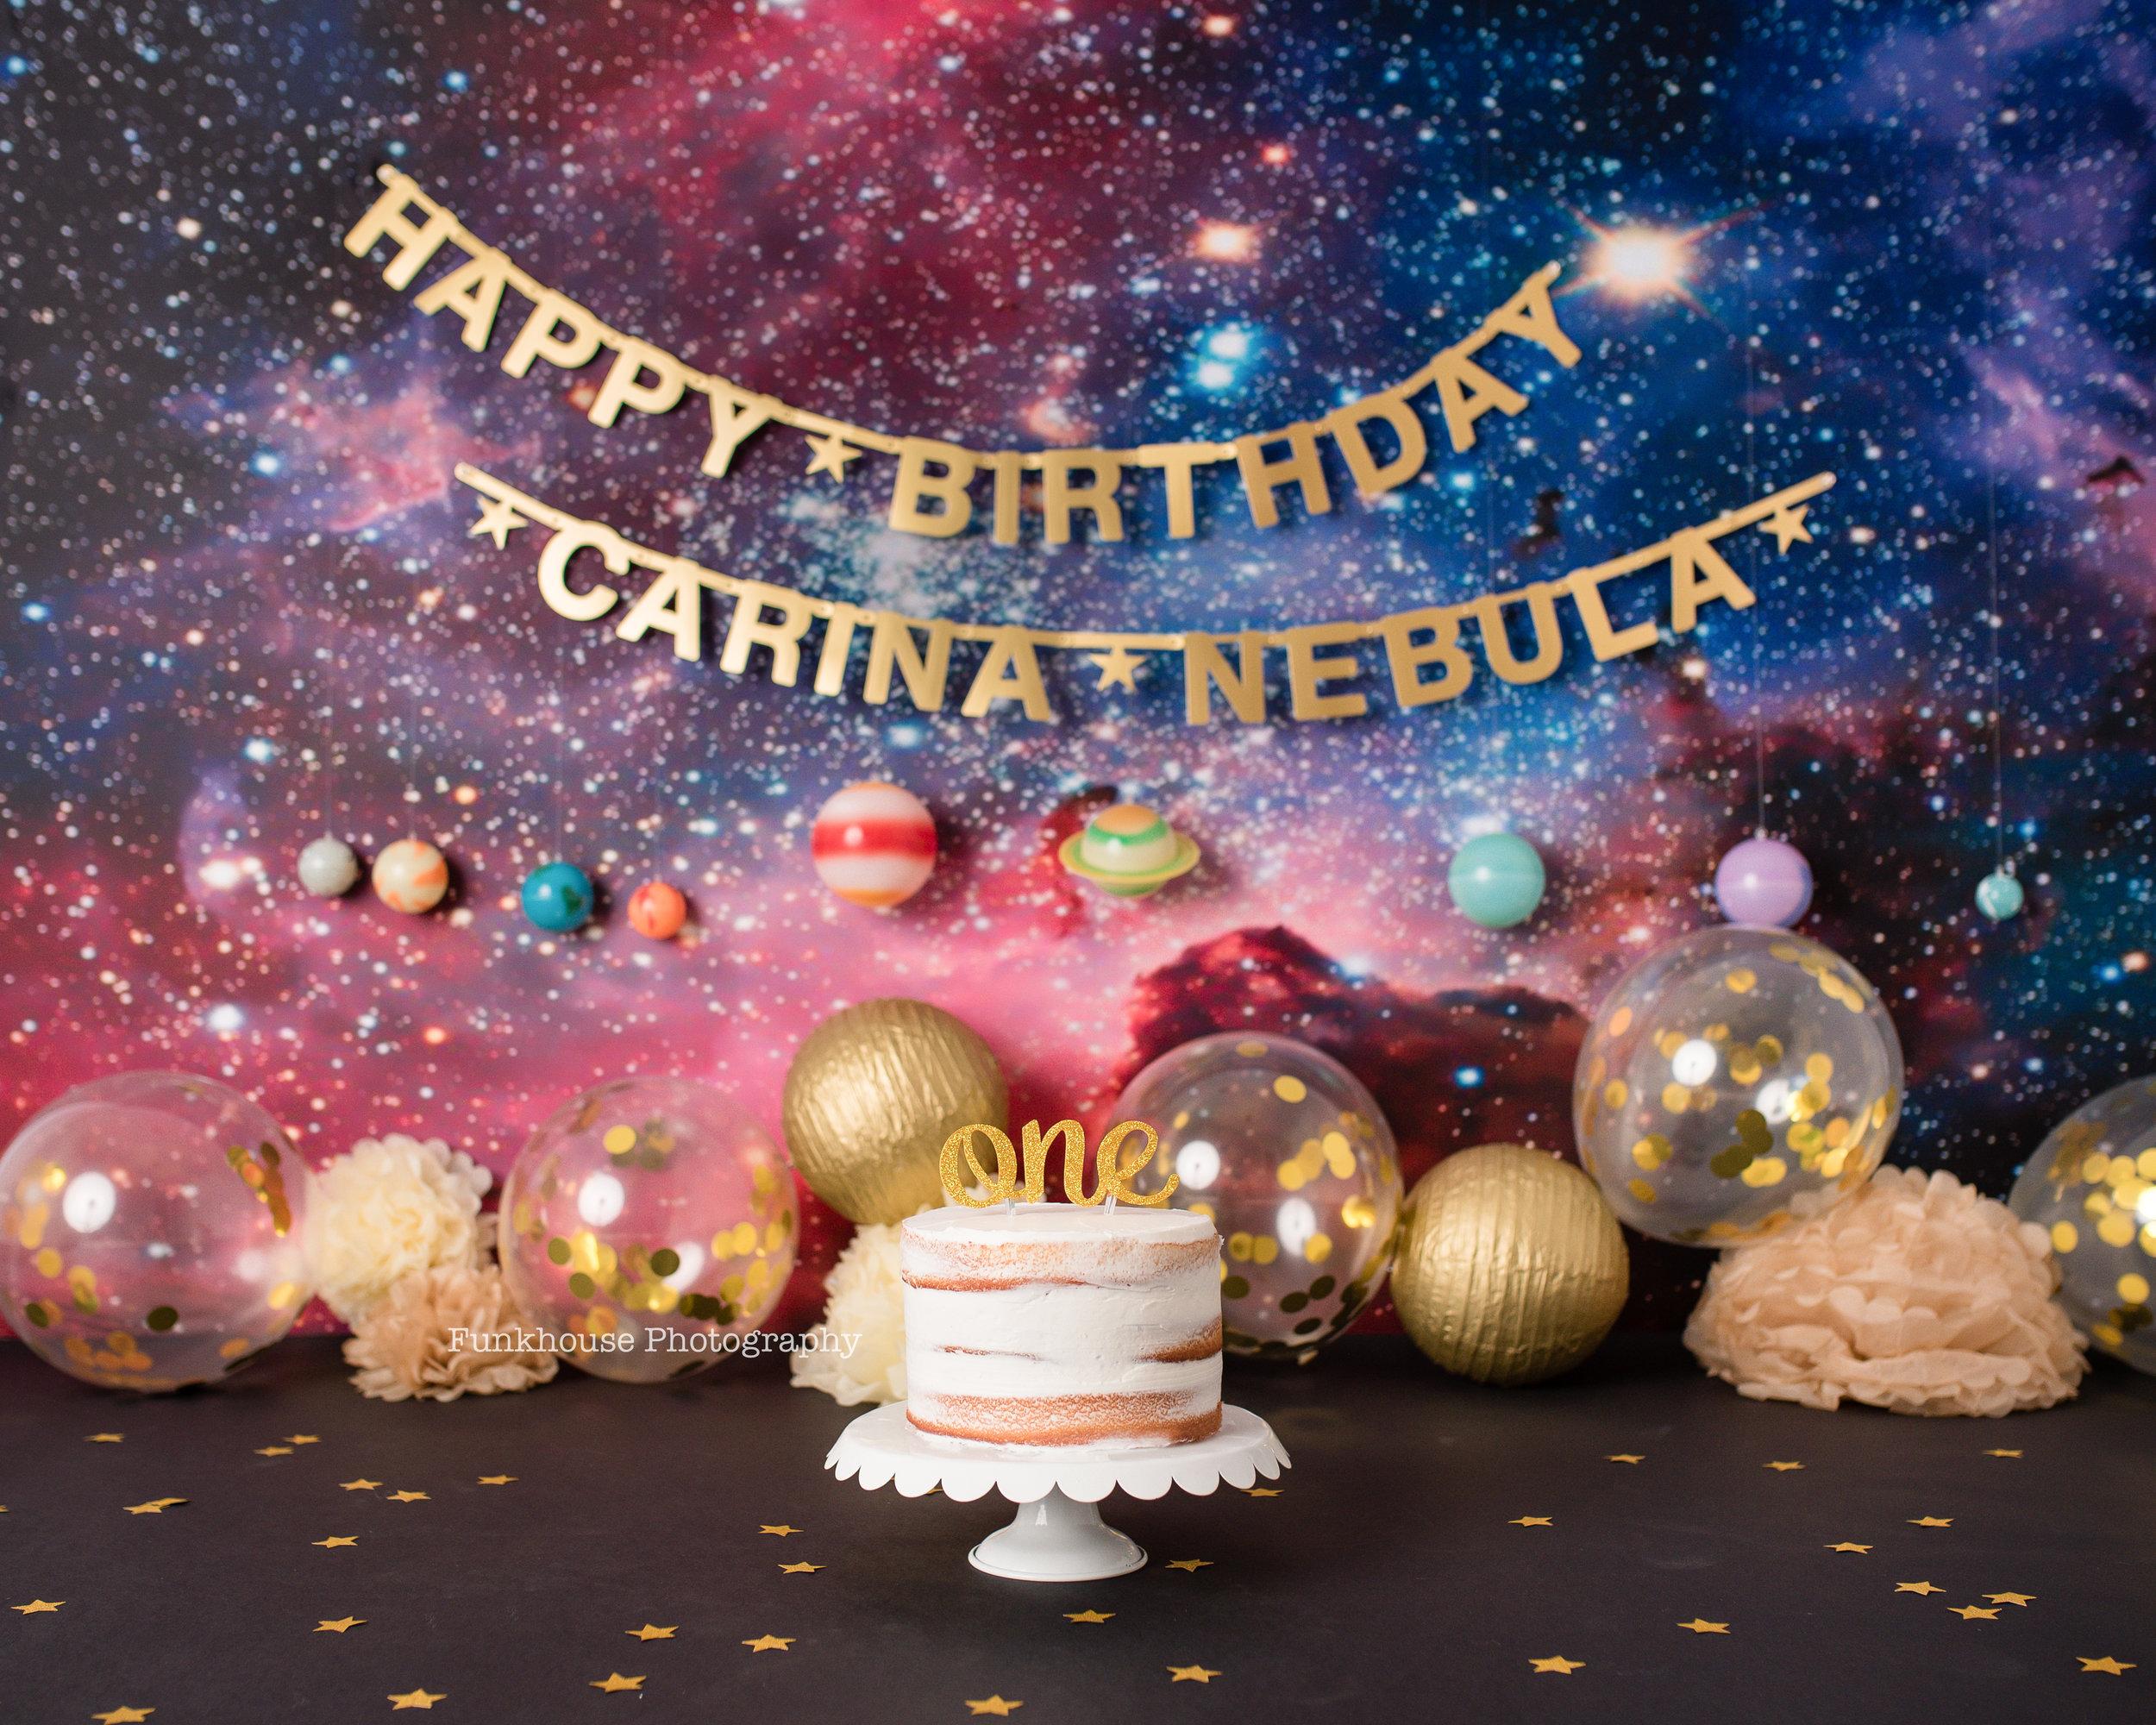 nebula cake fb.jpg